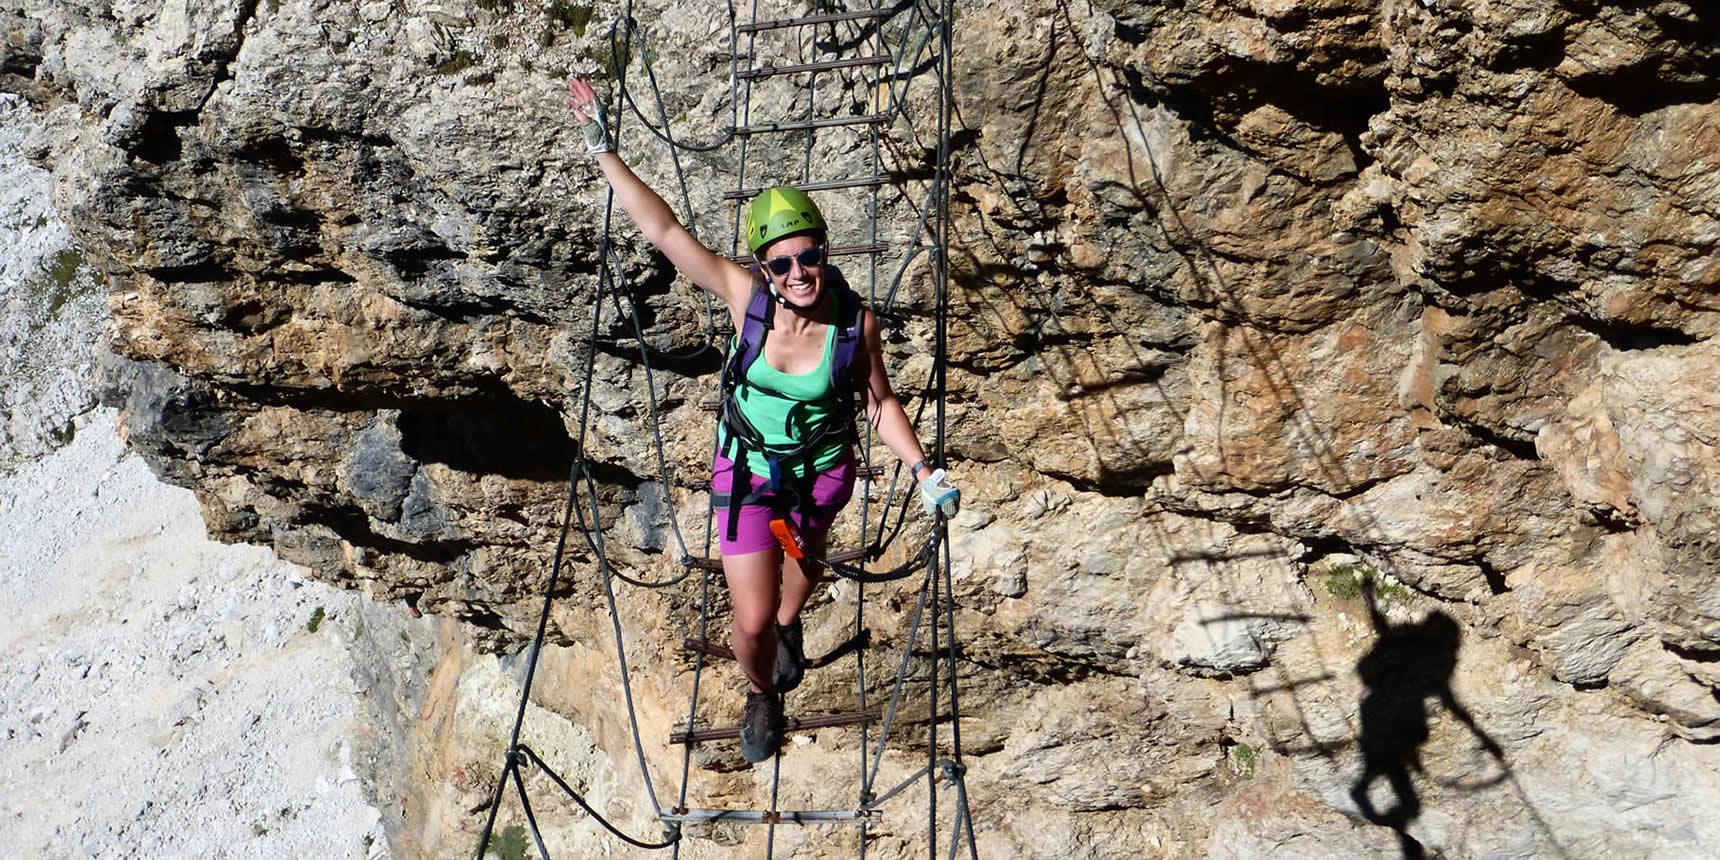 Arrampicata E Vie Ferrate In Alta Badia Nelle Dolomiti